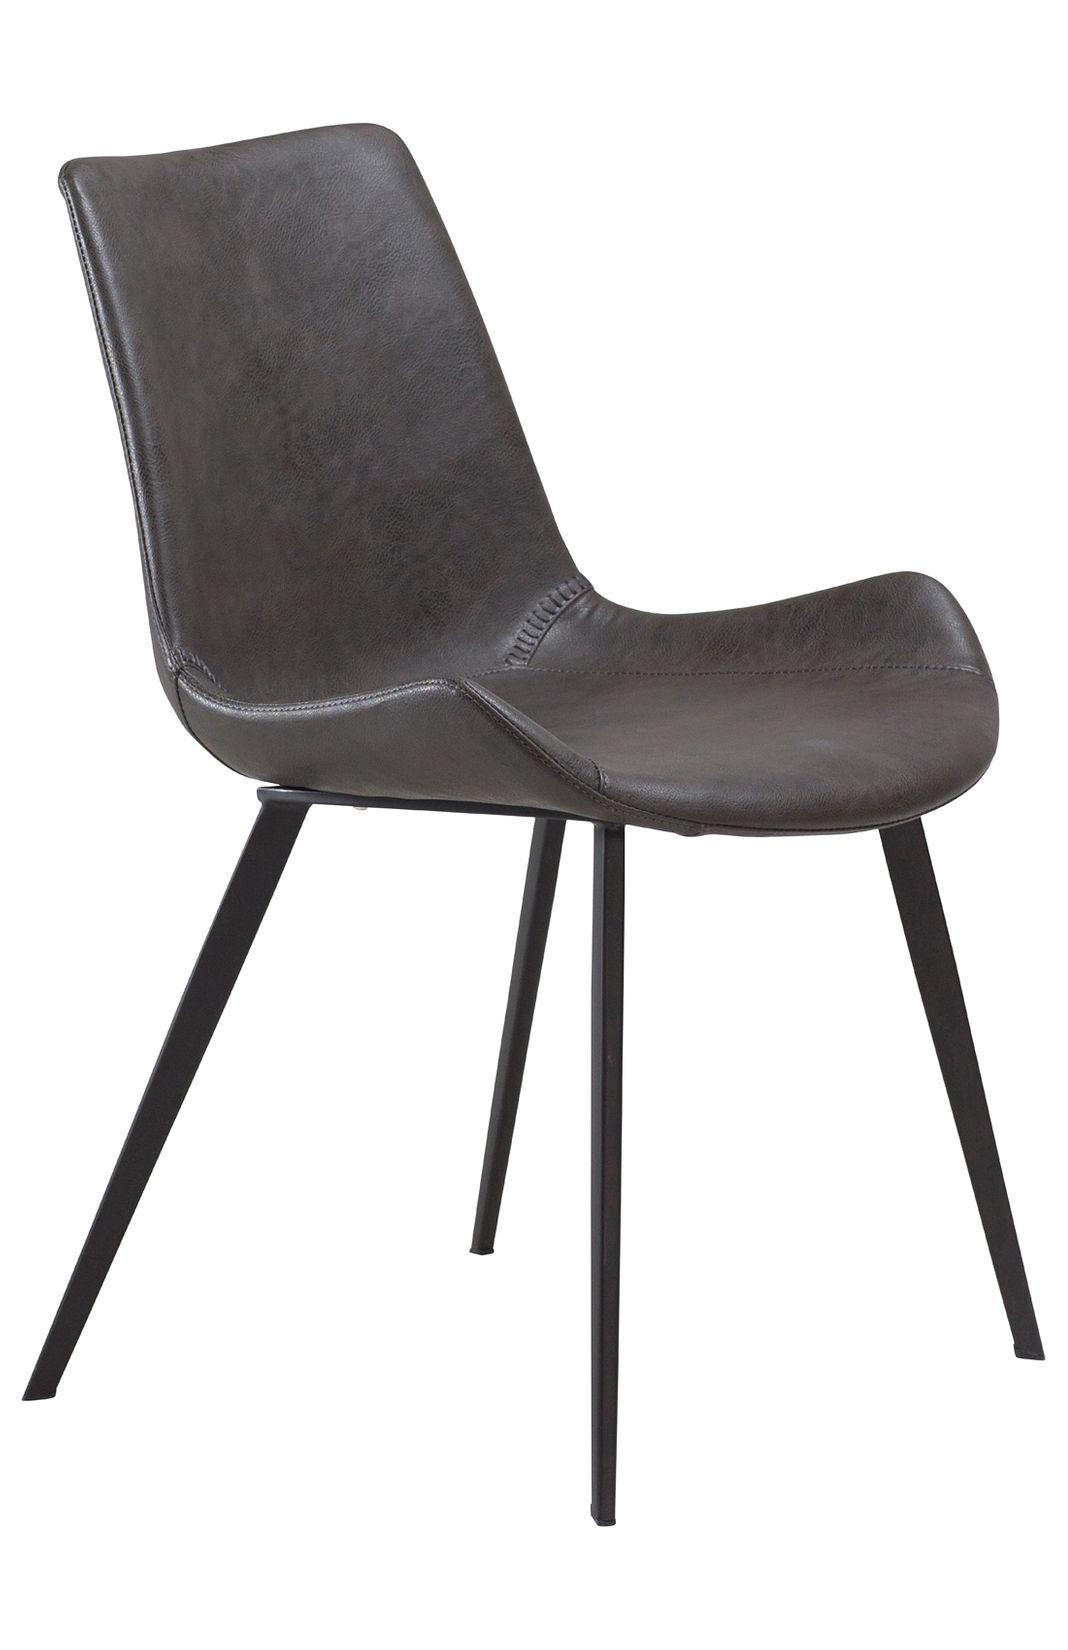 Stuhl DanForm Hype Vintage Grau Kunstleder